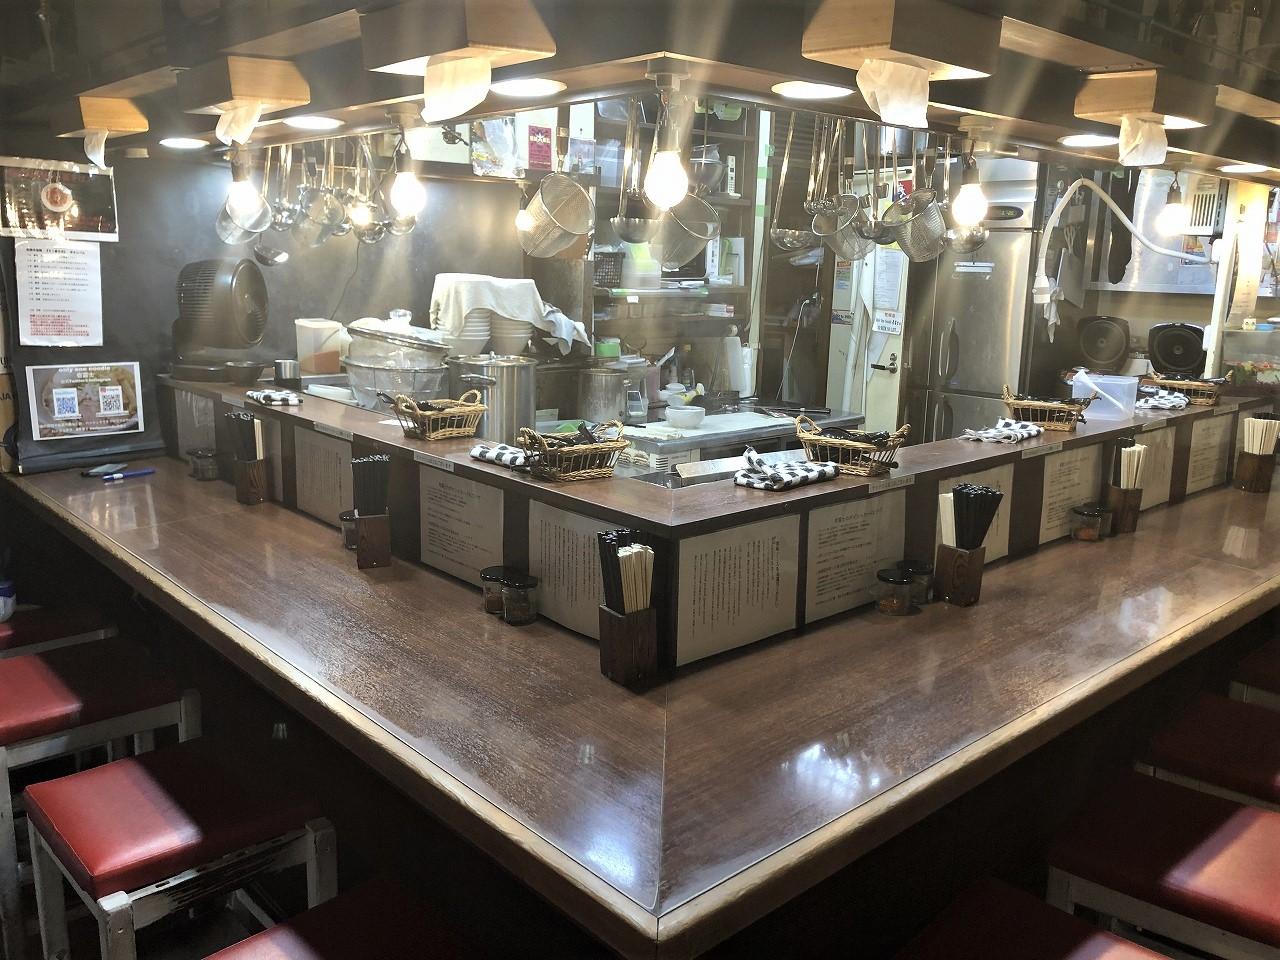 """名古屋の居酒屋「おお島」が東京での出店に挑戦!""""飲み屋街の雰囲気""""を感じた目黒の飲食ビル内の物件をご成約。"""